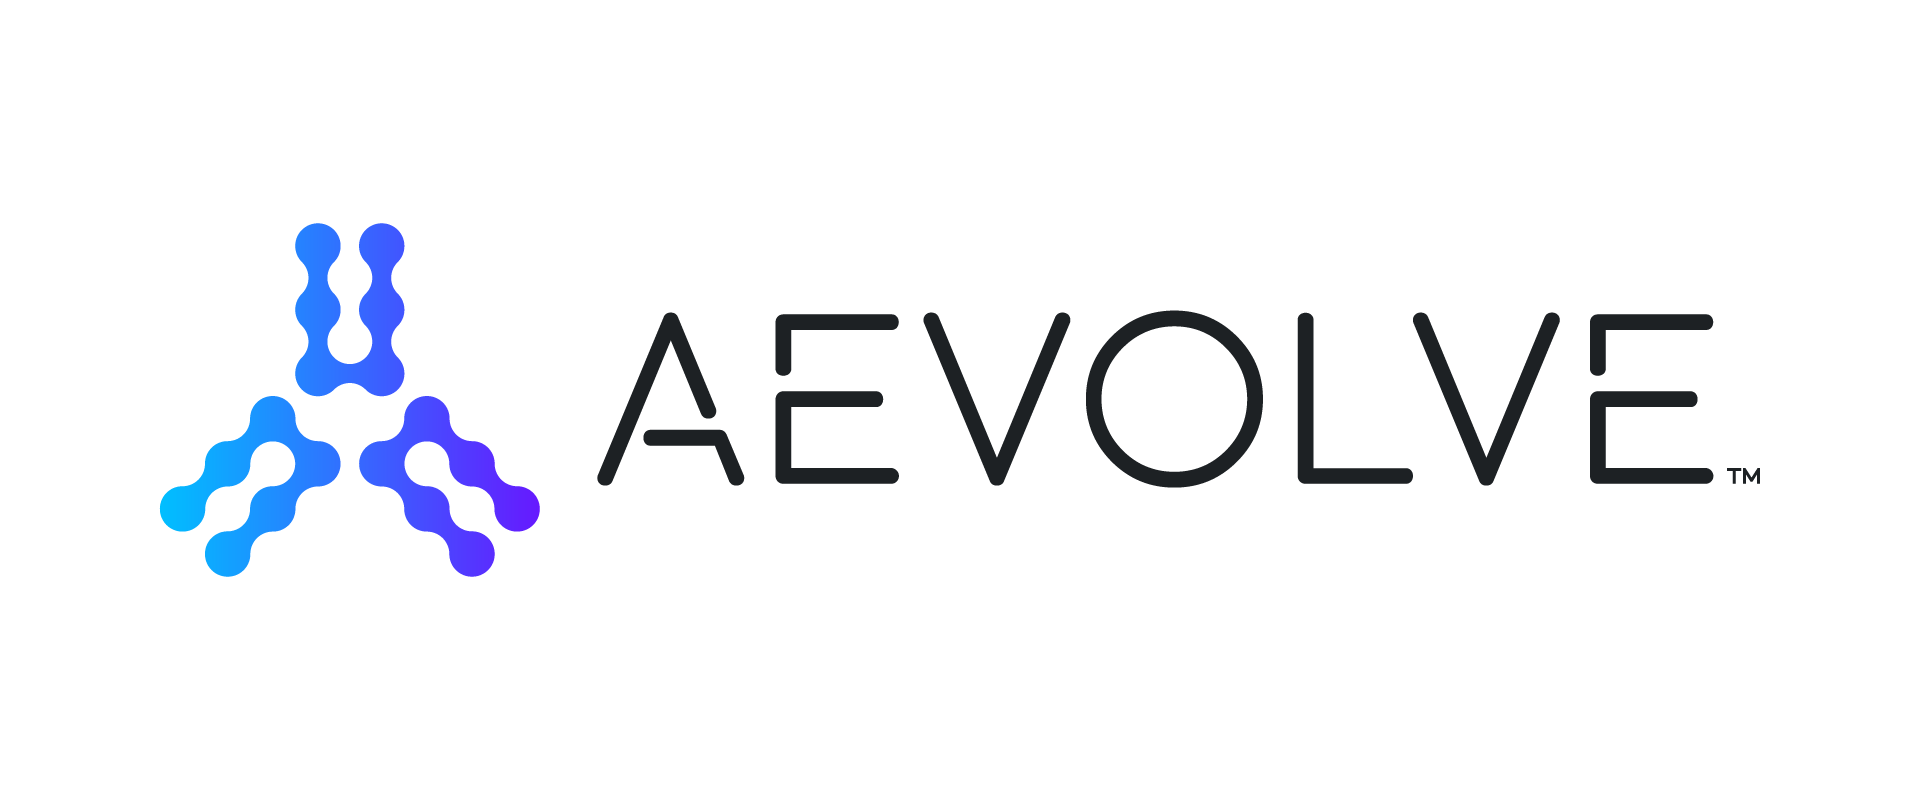 Avex.AI (Alternative Investment) ist ein digitaler Token und das erste an der Schweizer Börse angebotene strukturierte Crypto-Produkt. Es ermöglicht dem Inhaber den Zugang zu den verschiedenen Optionen der Biosphere-Plattform.